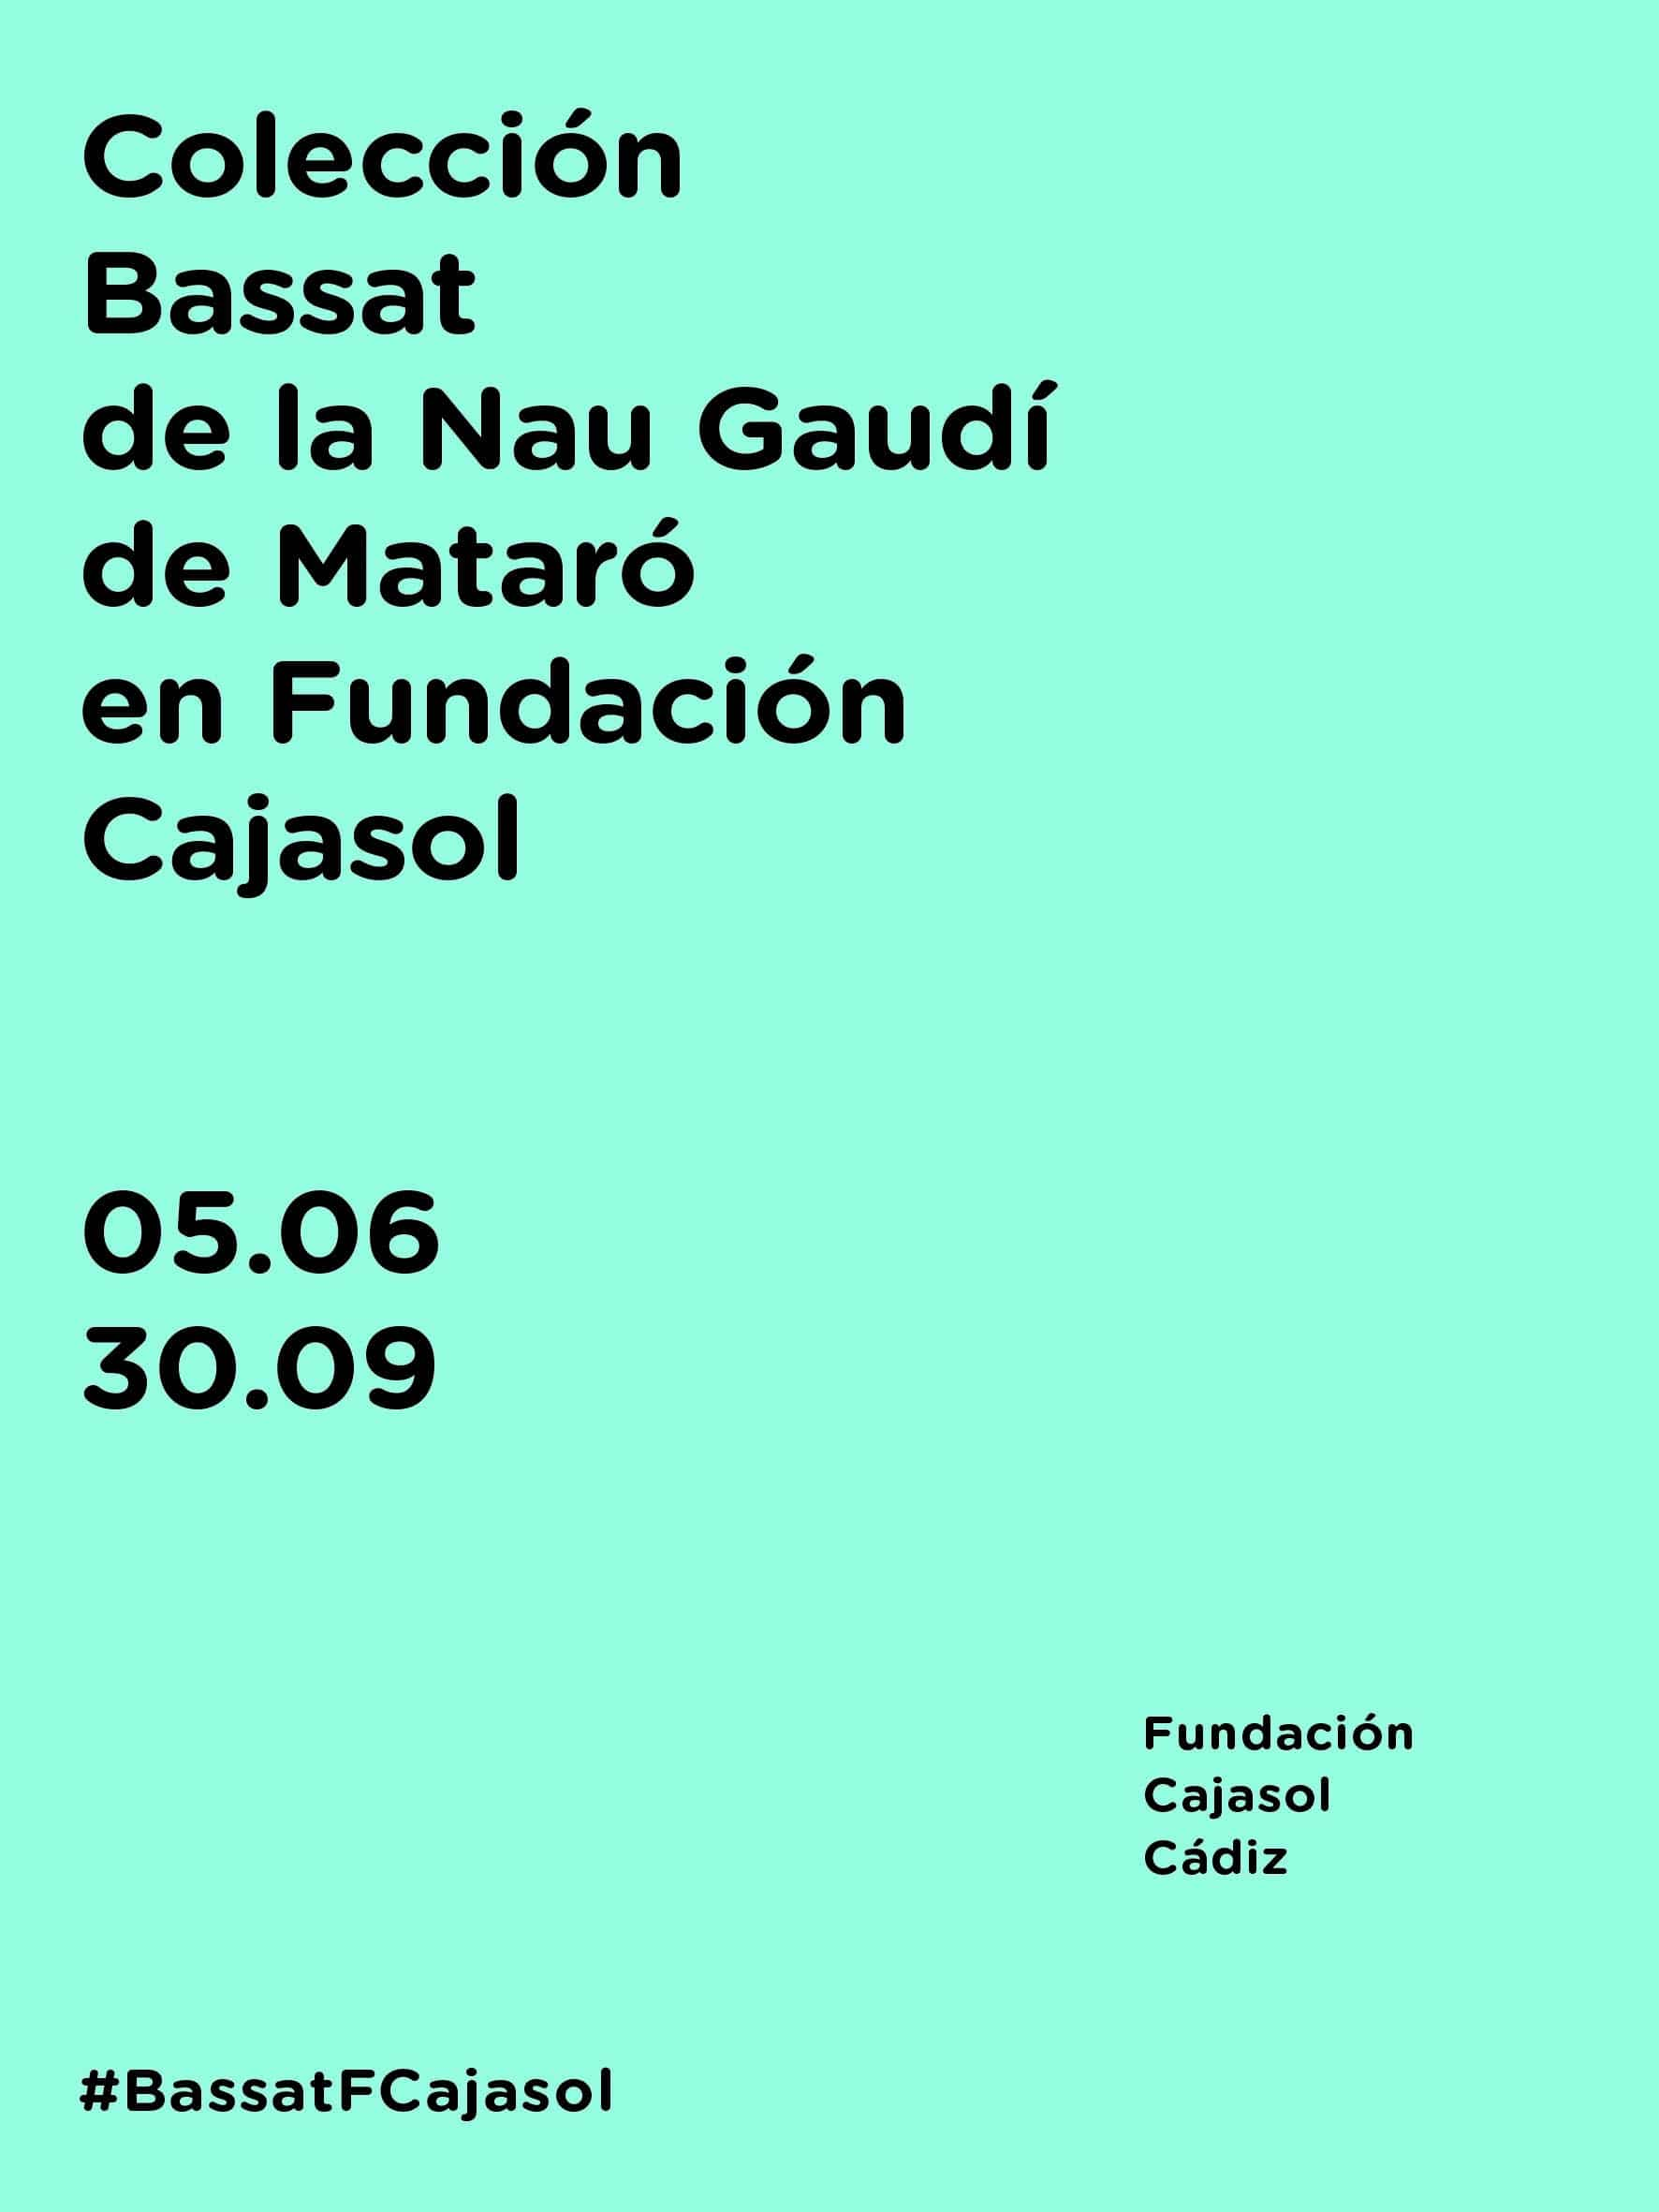 Cartel de la exposición 'Colección Bassat de la Nau Gaudí de Mataro' en Cádiz